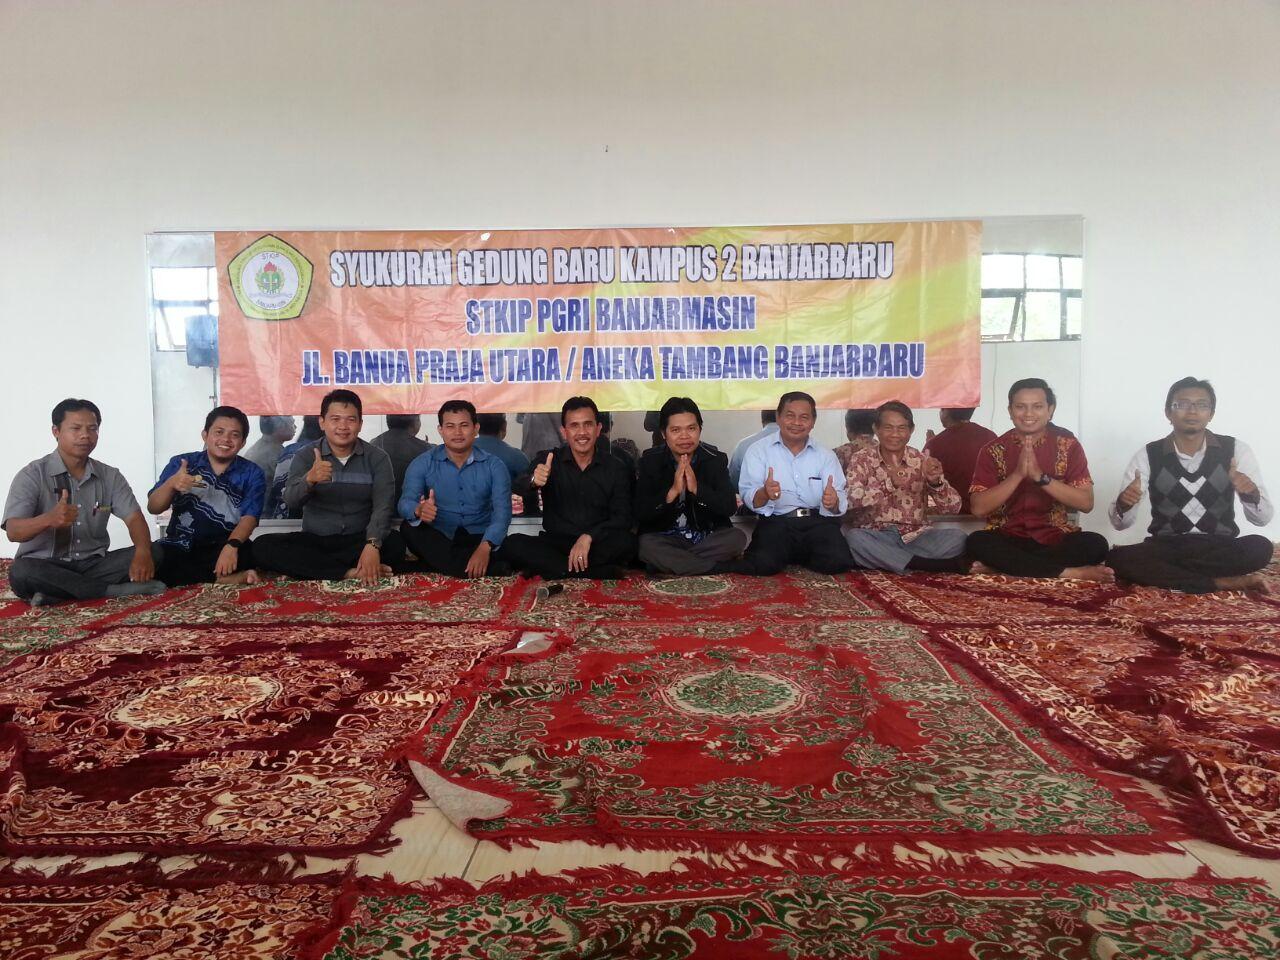 Peresmian Gedung Baru STKIP PGRI di Banjarbaru